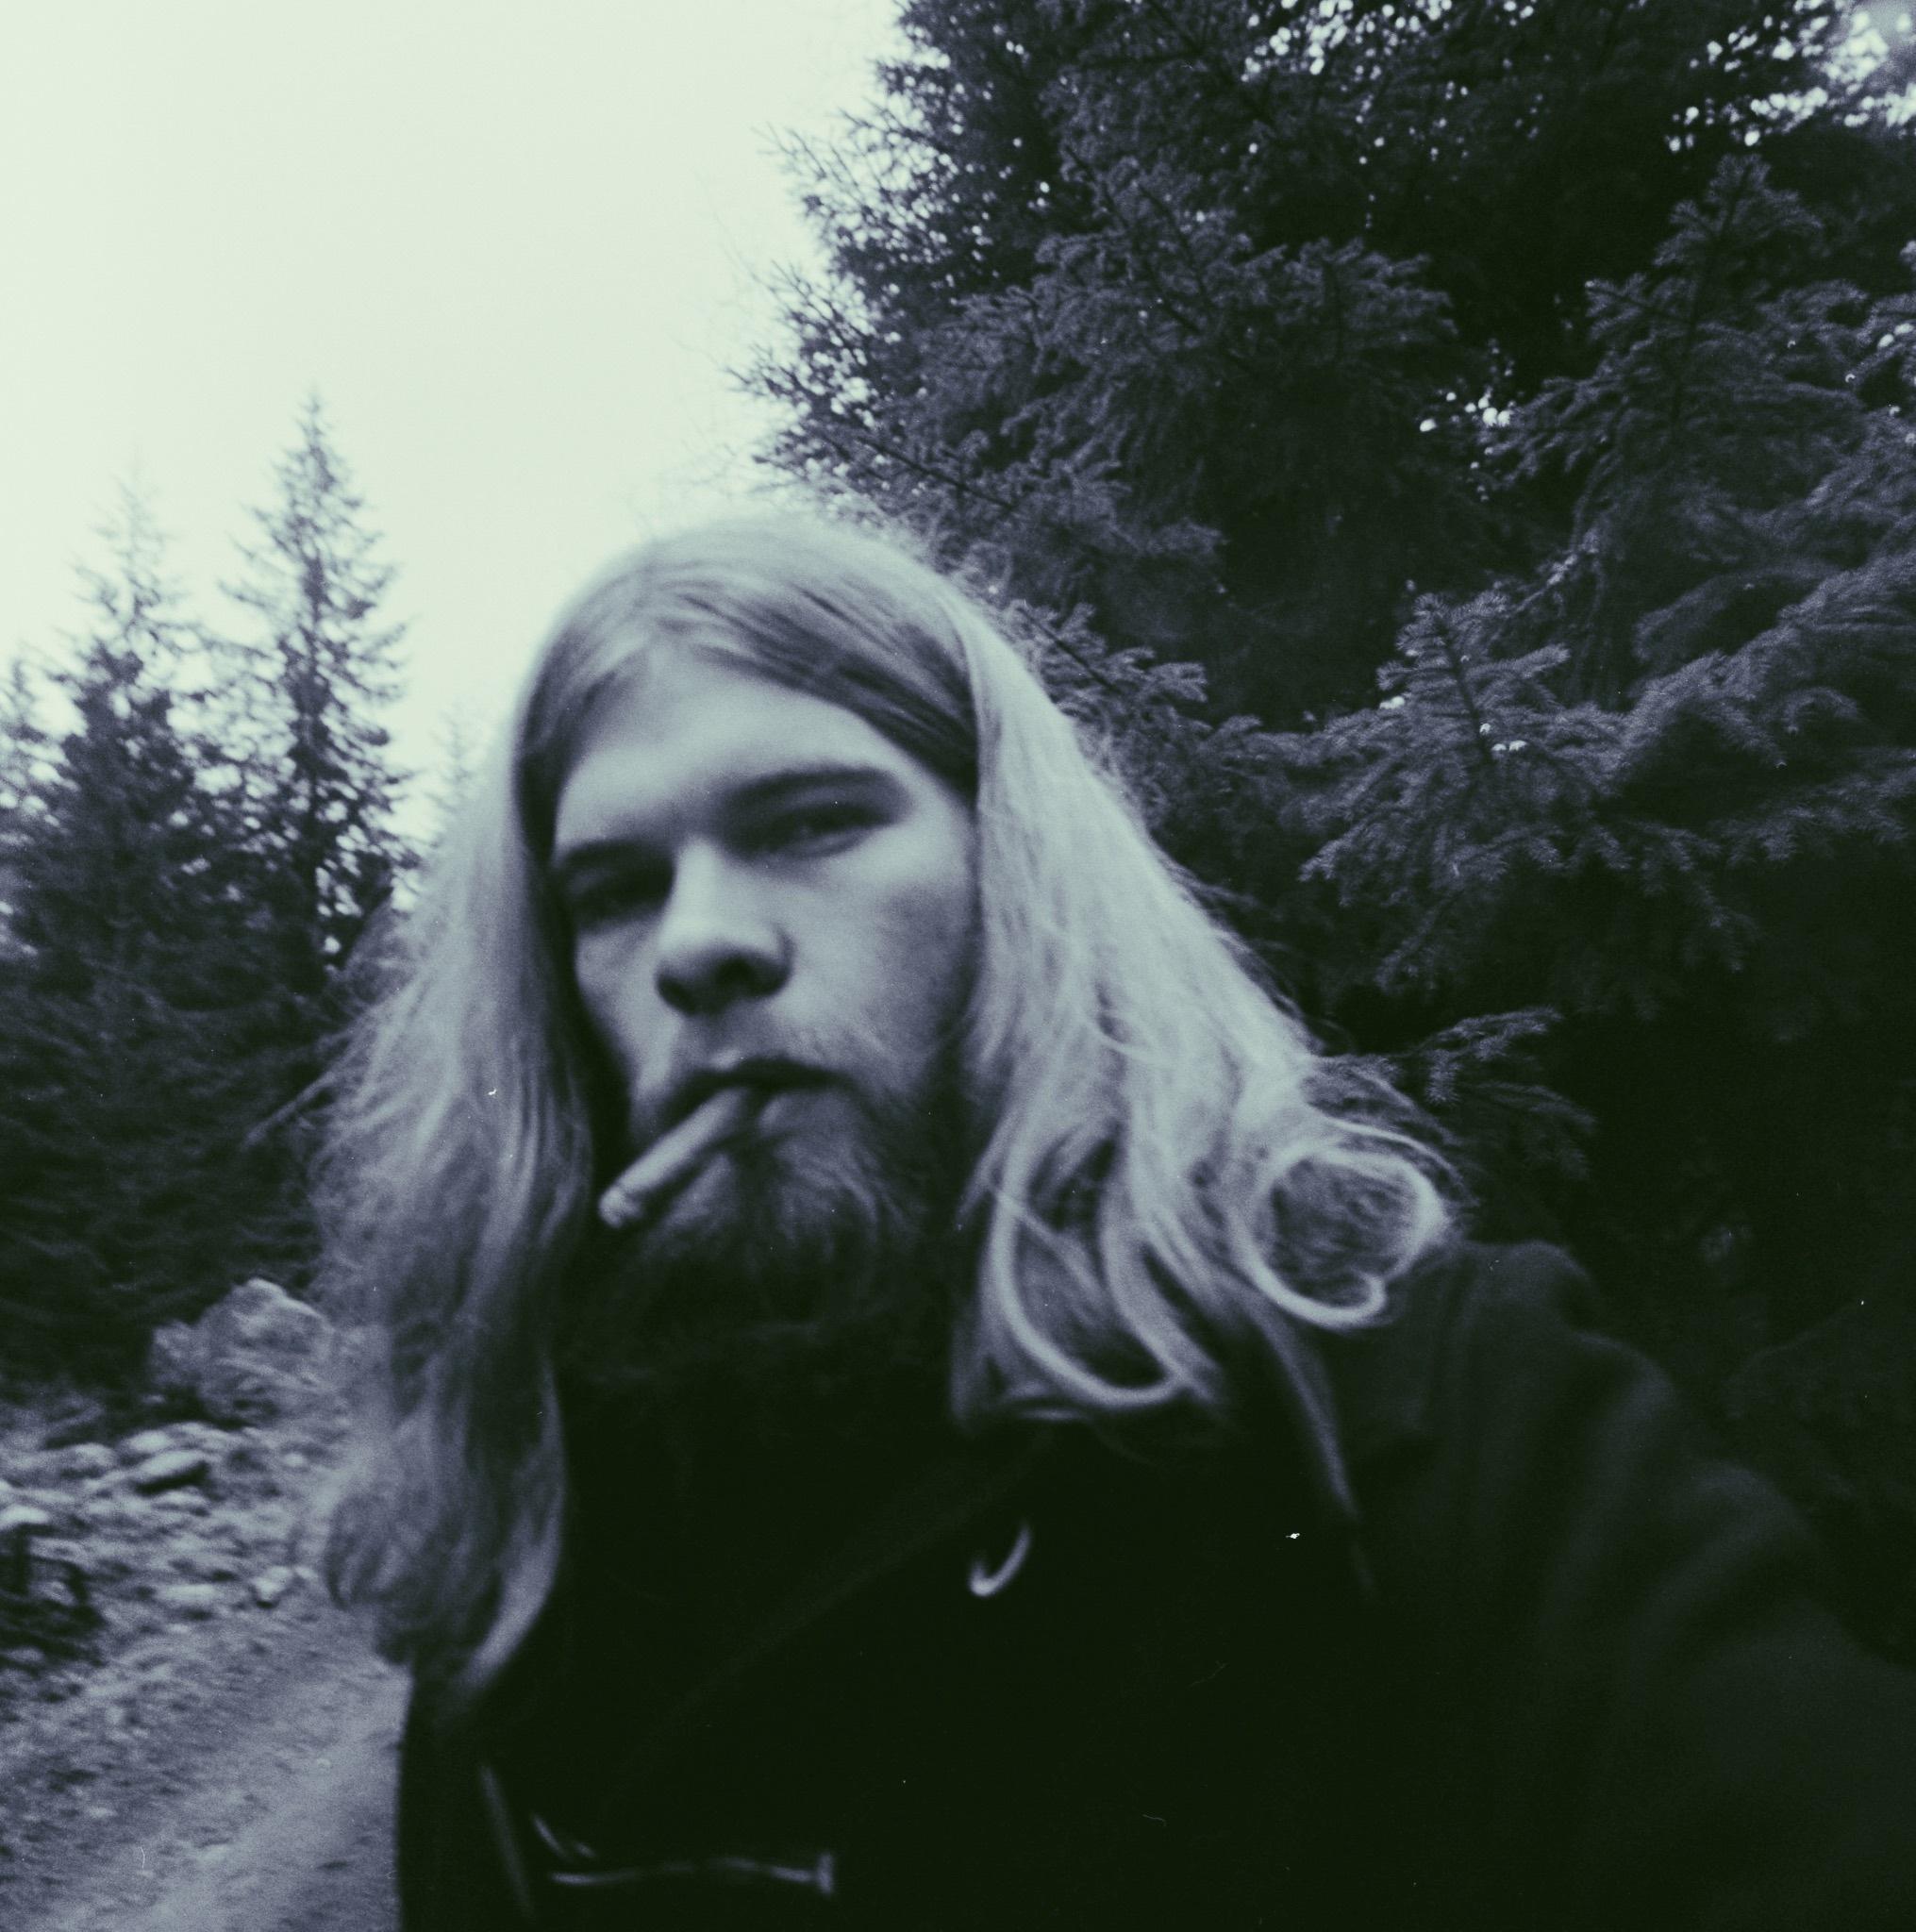 Selfie 1974 by Lasse Tur